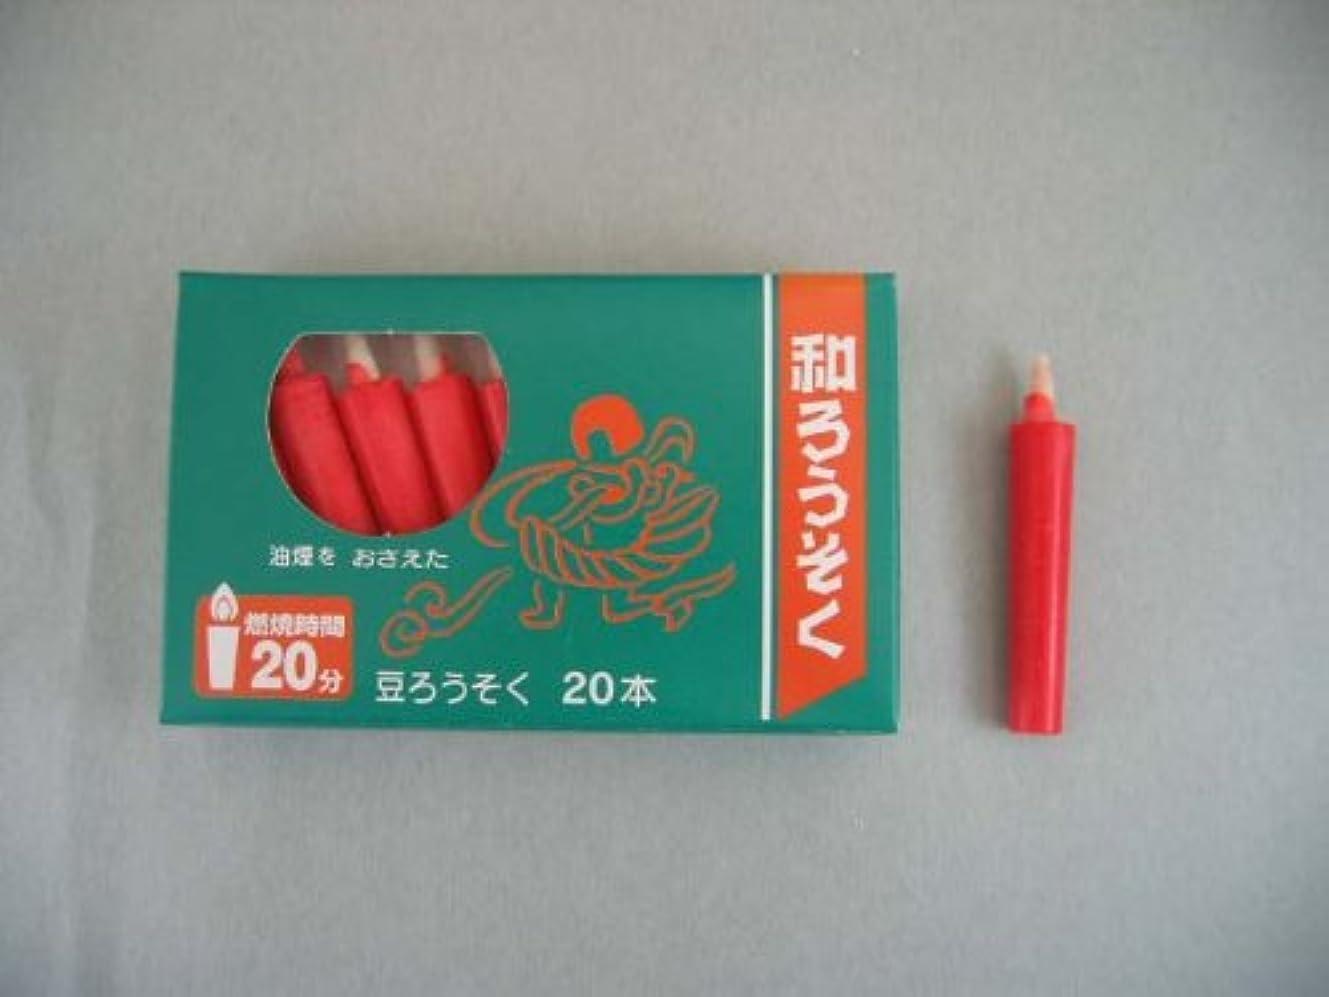 清める十代電極和ろうそく 【朱】 型和蝋燭 ローソク 豆型 棒タイプ 朱色 小箱 20本入り